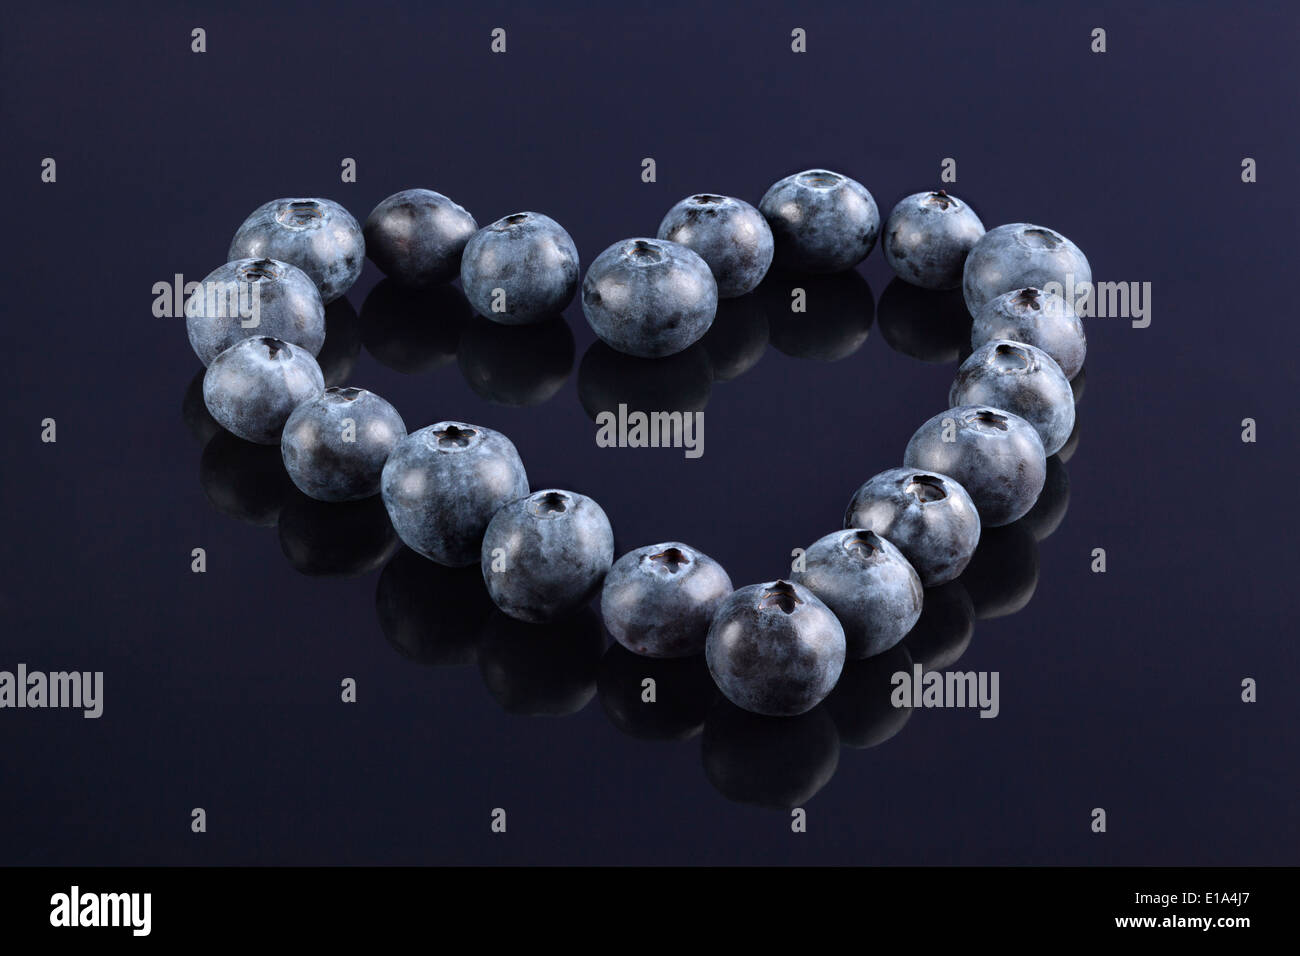 Frische Heidelbeeren in der Form eines Herzens angeordnet Stockbild